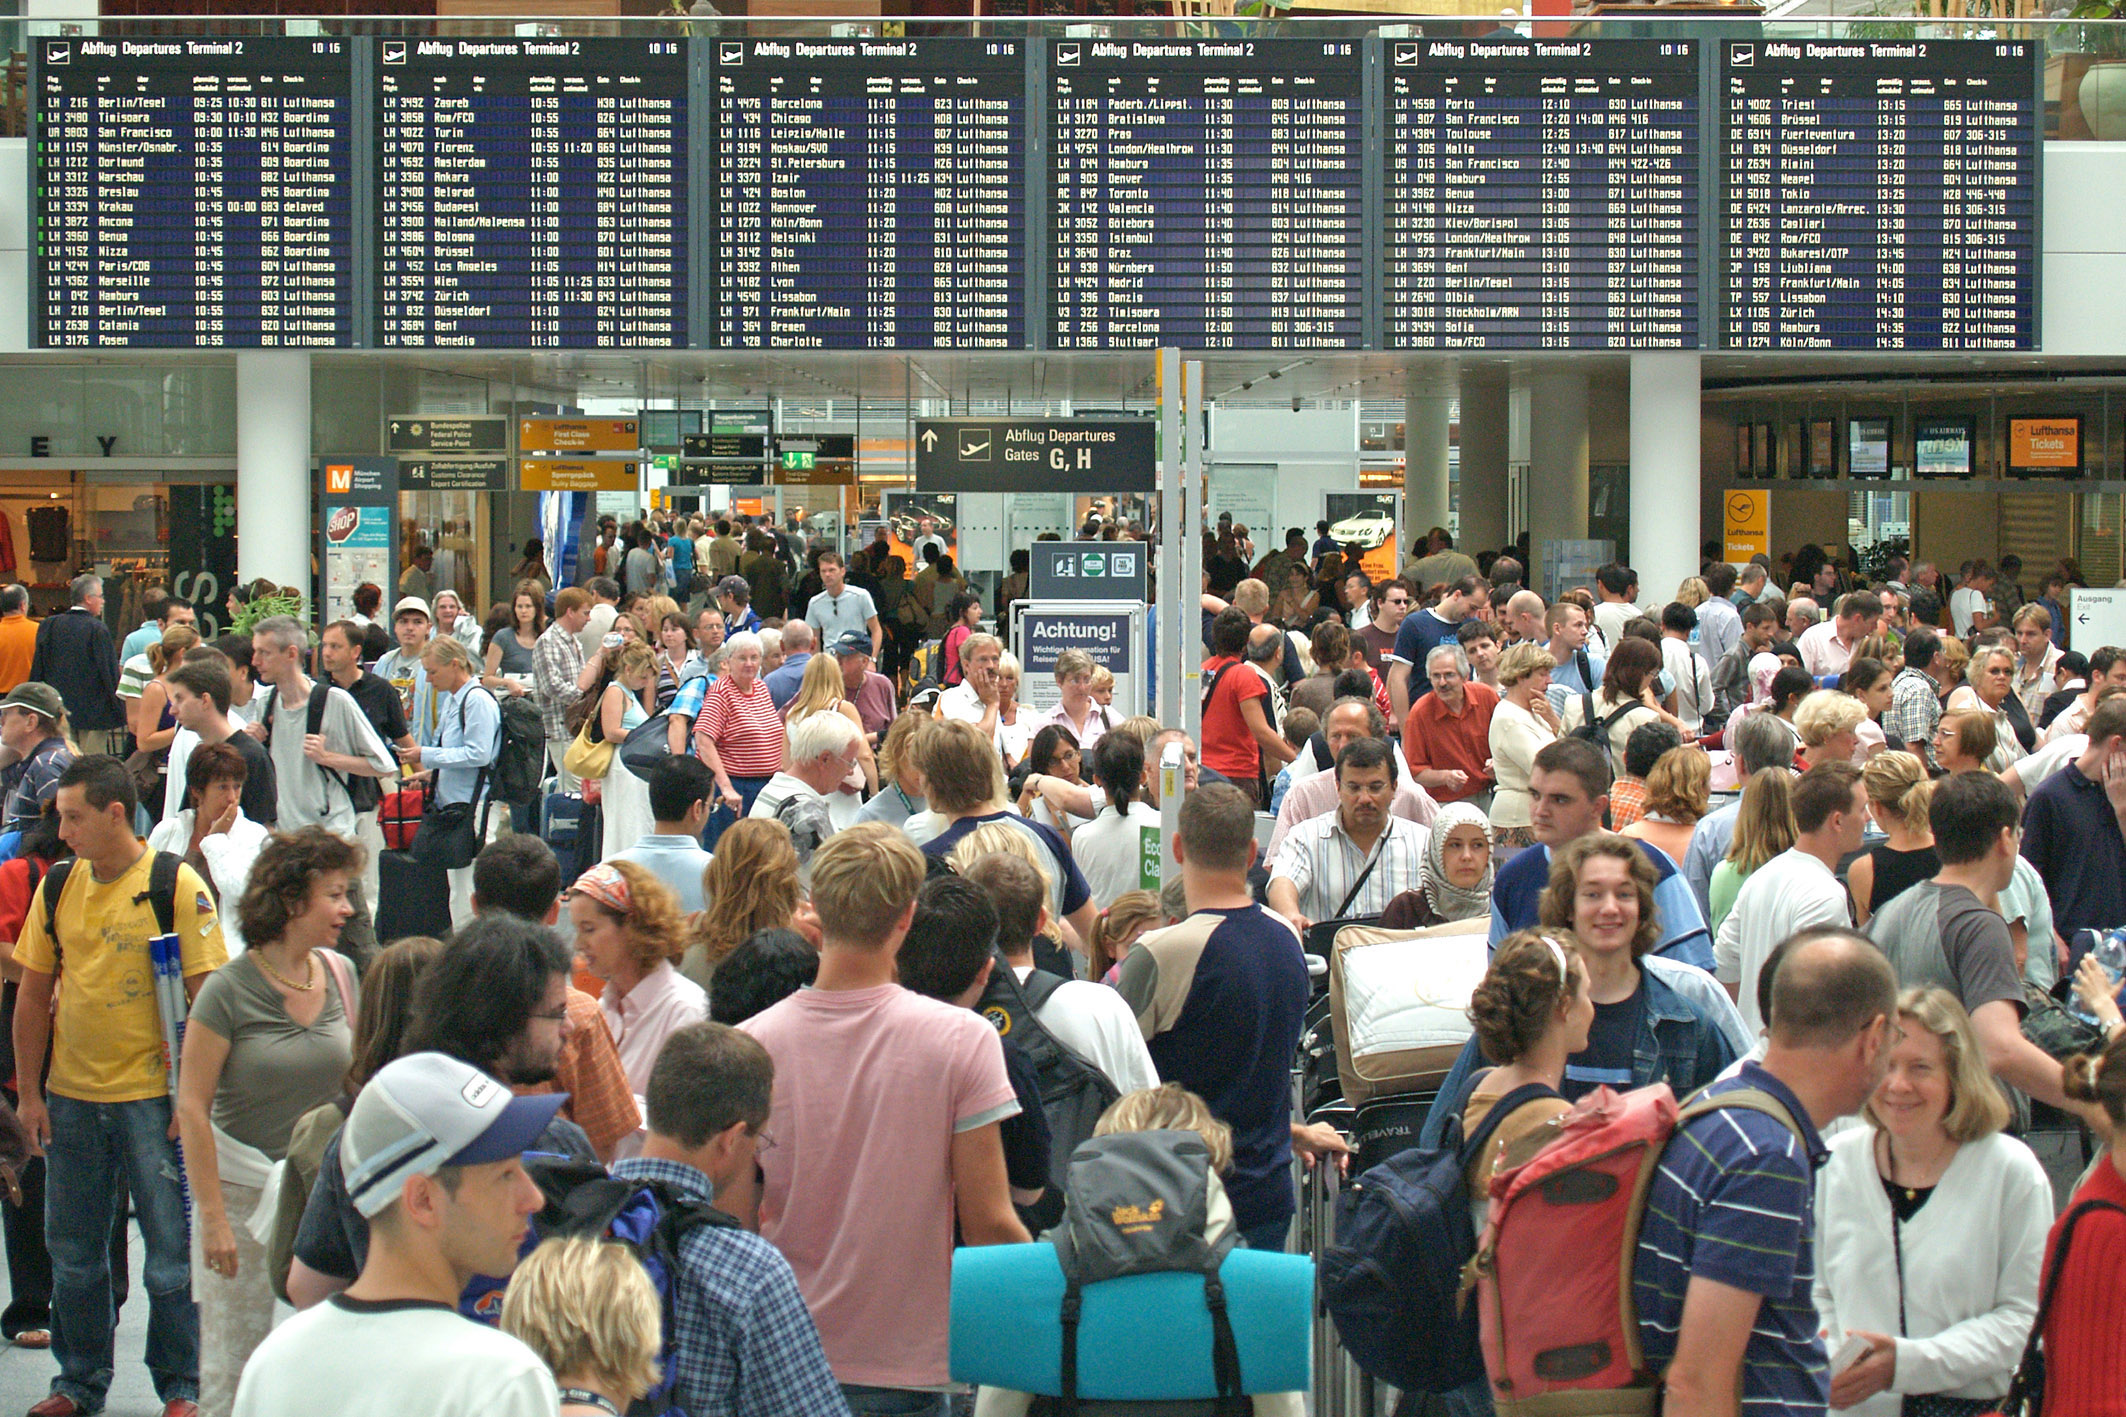 Mange danskere og borgere de øvrige EU-lande har ikke penge til at holde mindst en uges ferie om året væk fra deres hjem, viser ny EU-undersøgelse. Her er det arkivpressefoto fra lufthavnen i München.